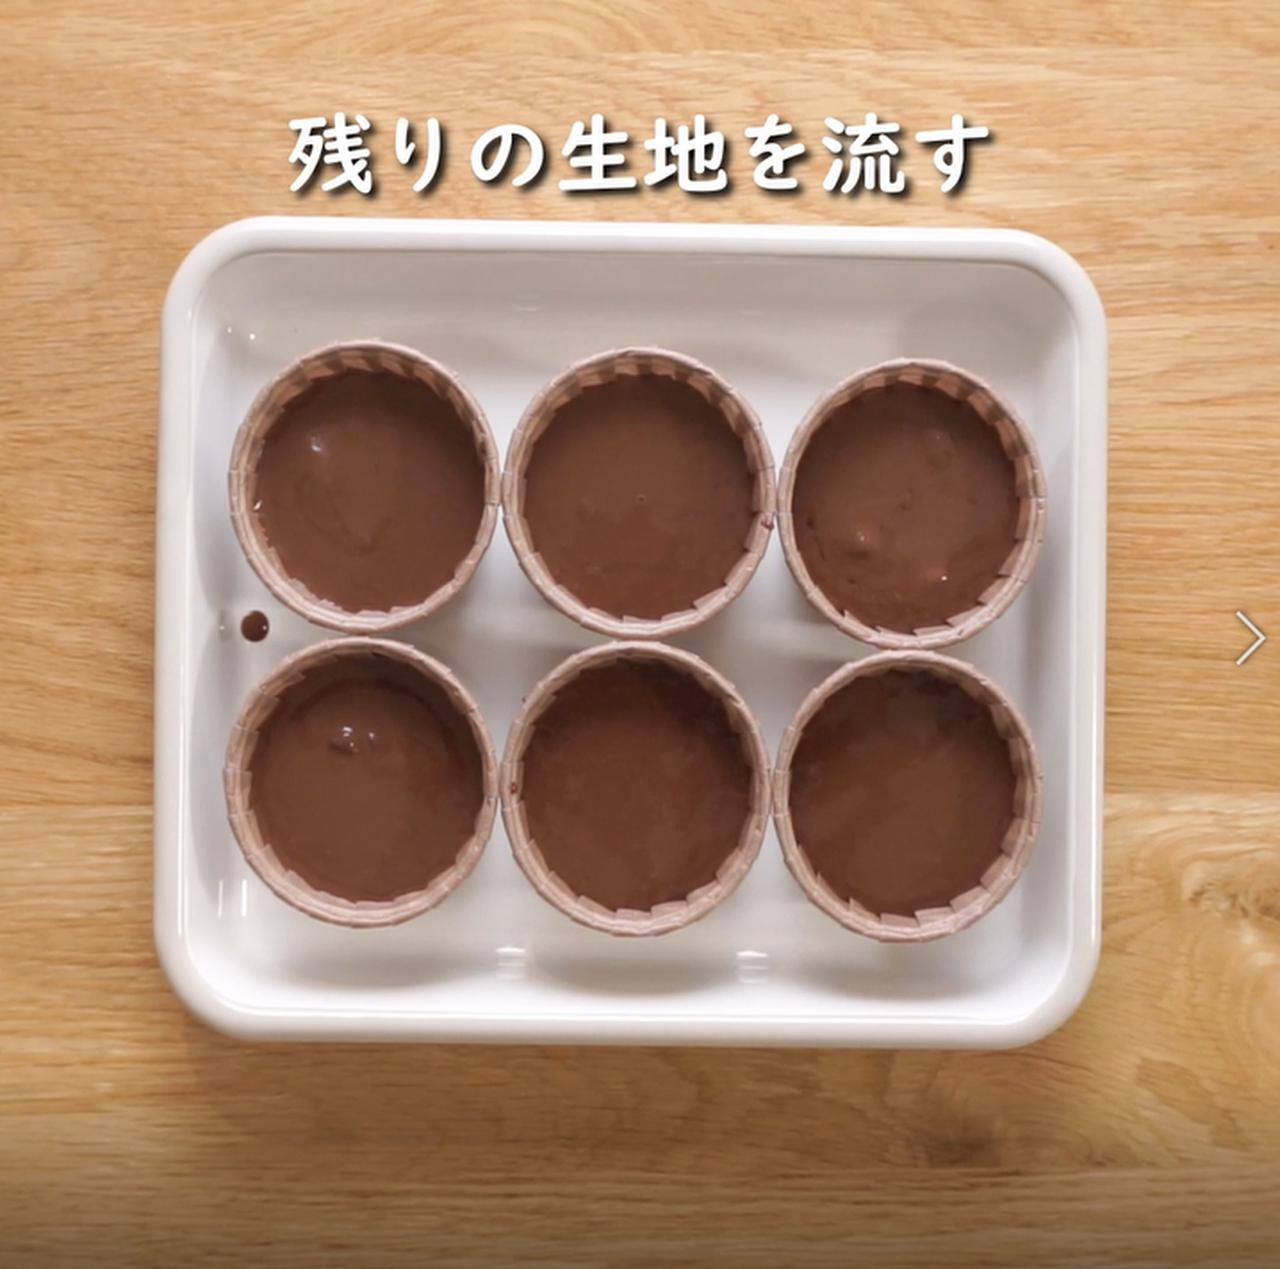 画像24: 特定原材料7品目不使用 レシピ